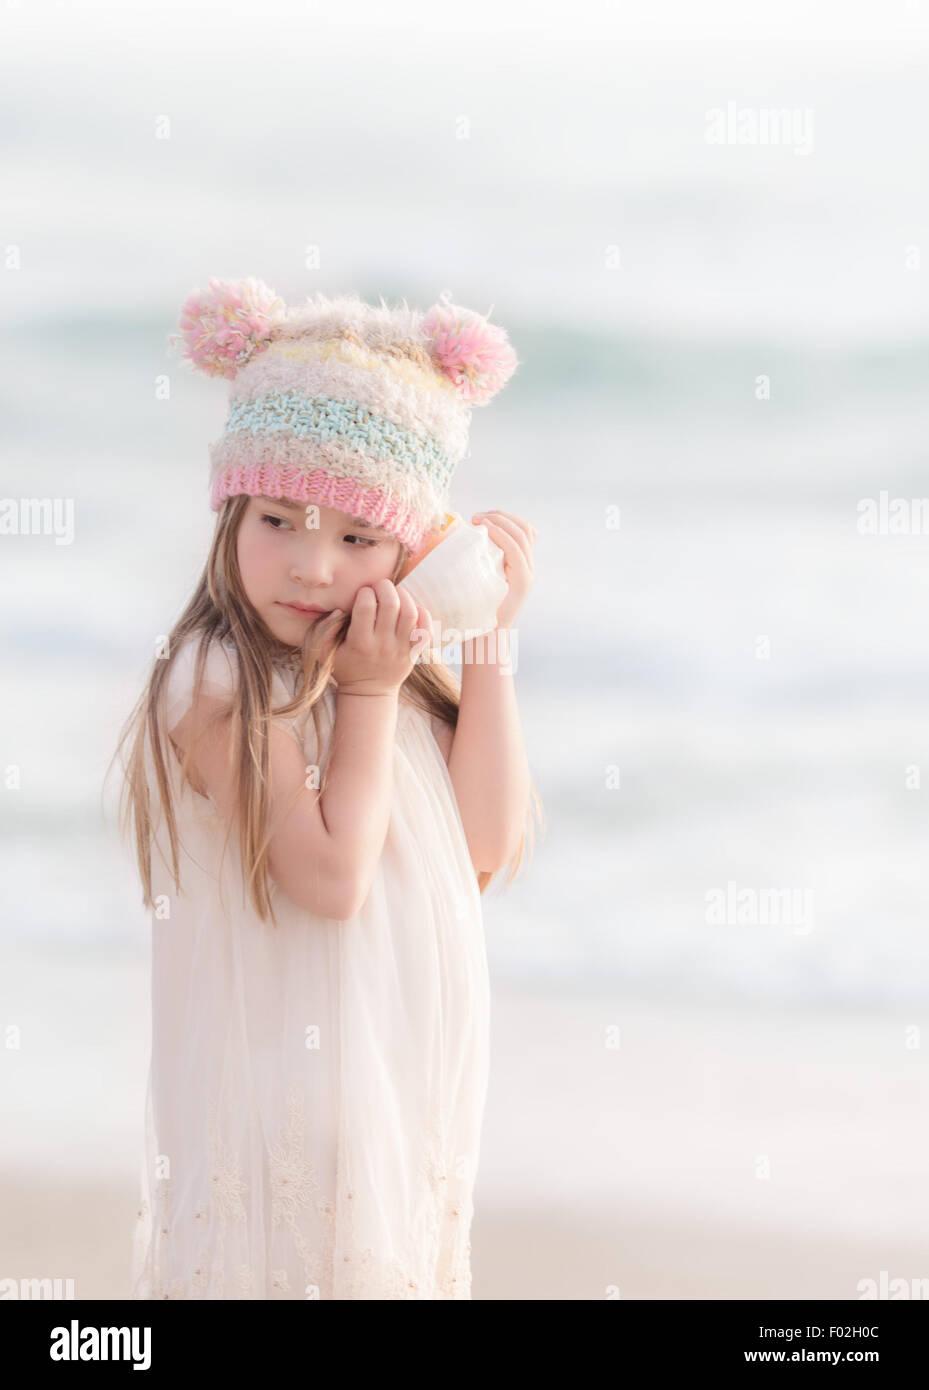 Ragazza in piedi sulla spiaggia ascoltando una conchiglia Immagini Stock